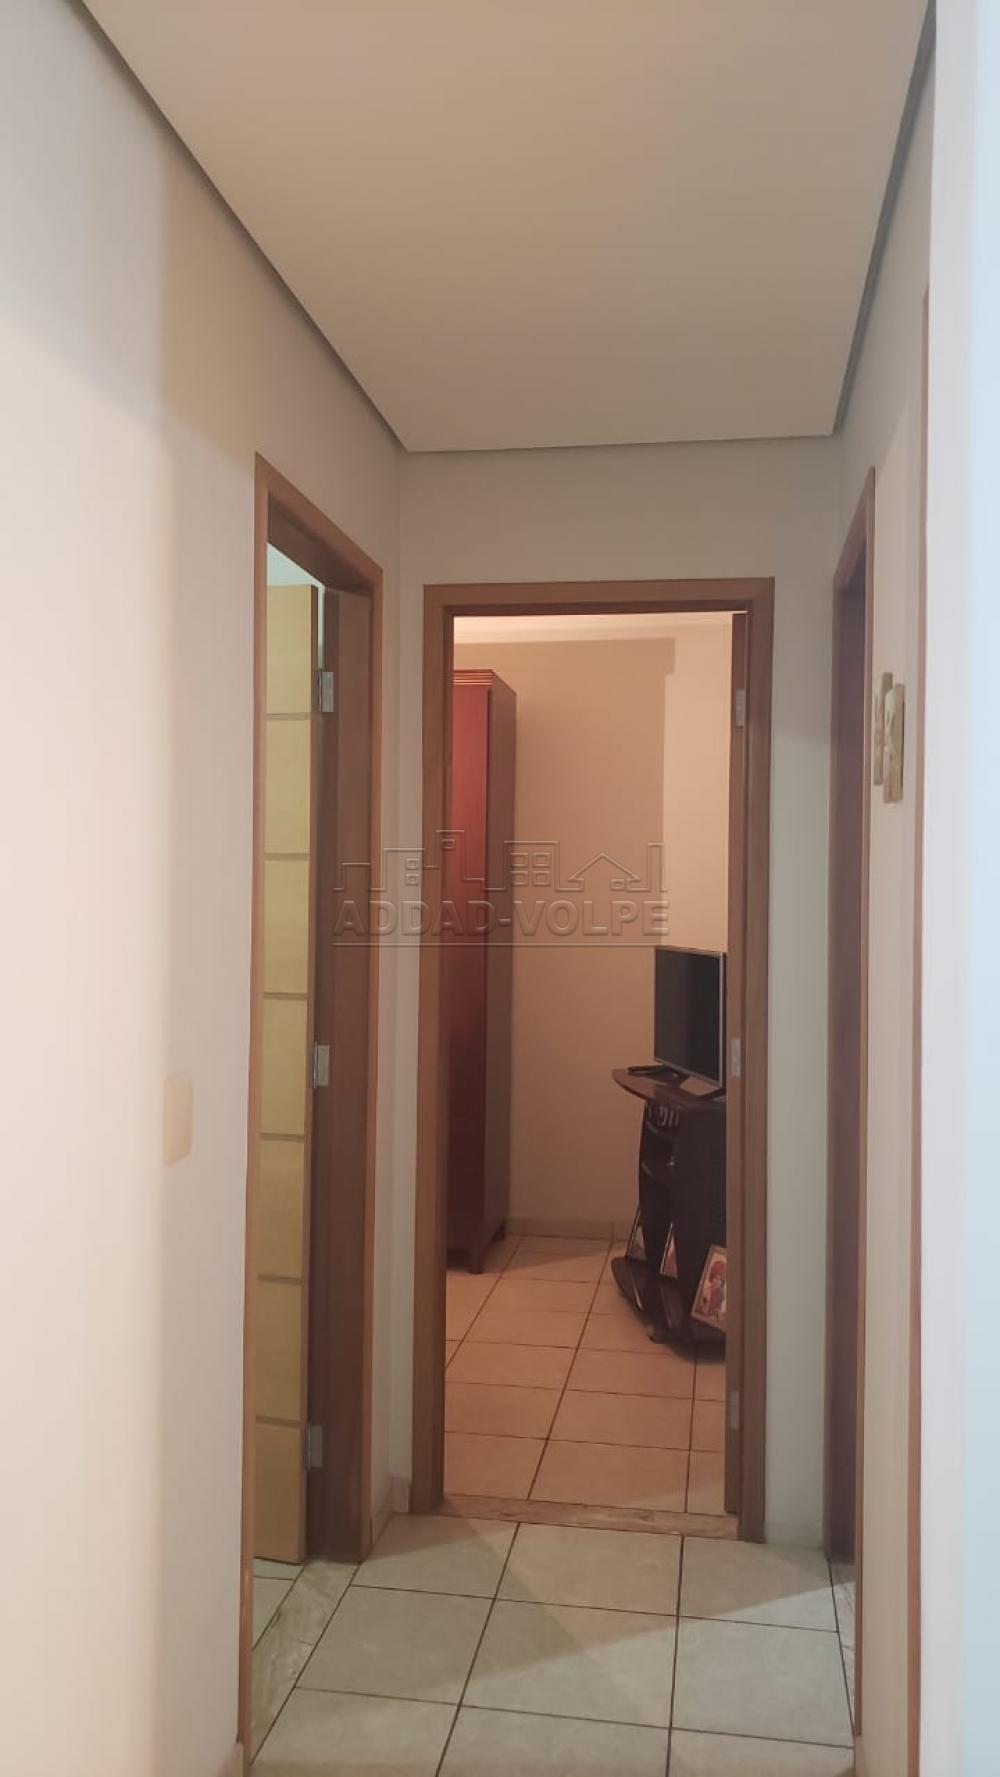 Comprar Apartamento / Padrão em Bauru R$ 160.000,00 - Foto 5